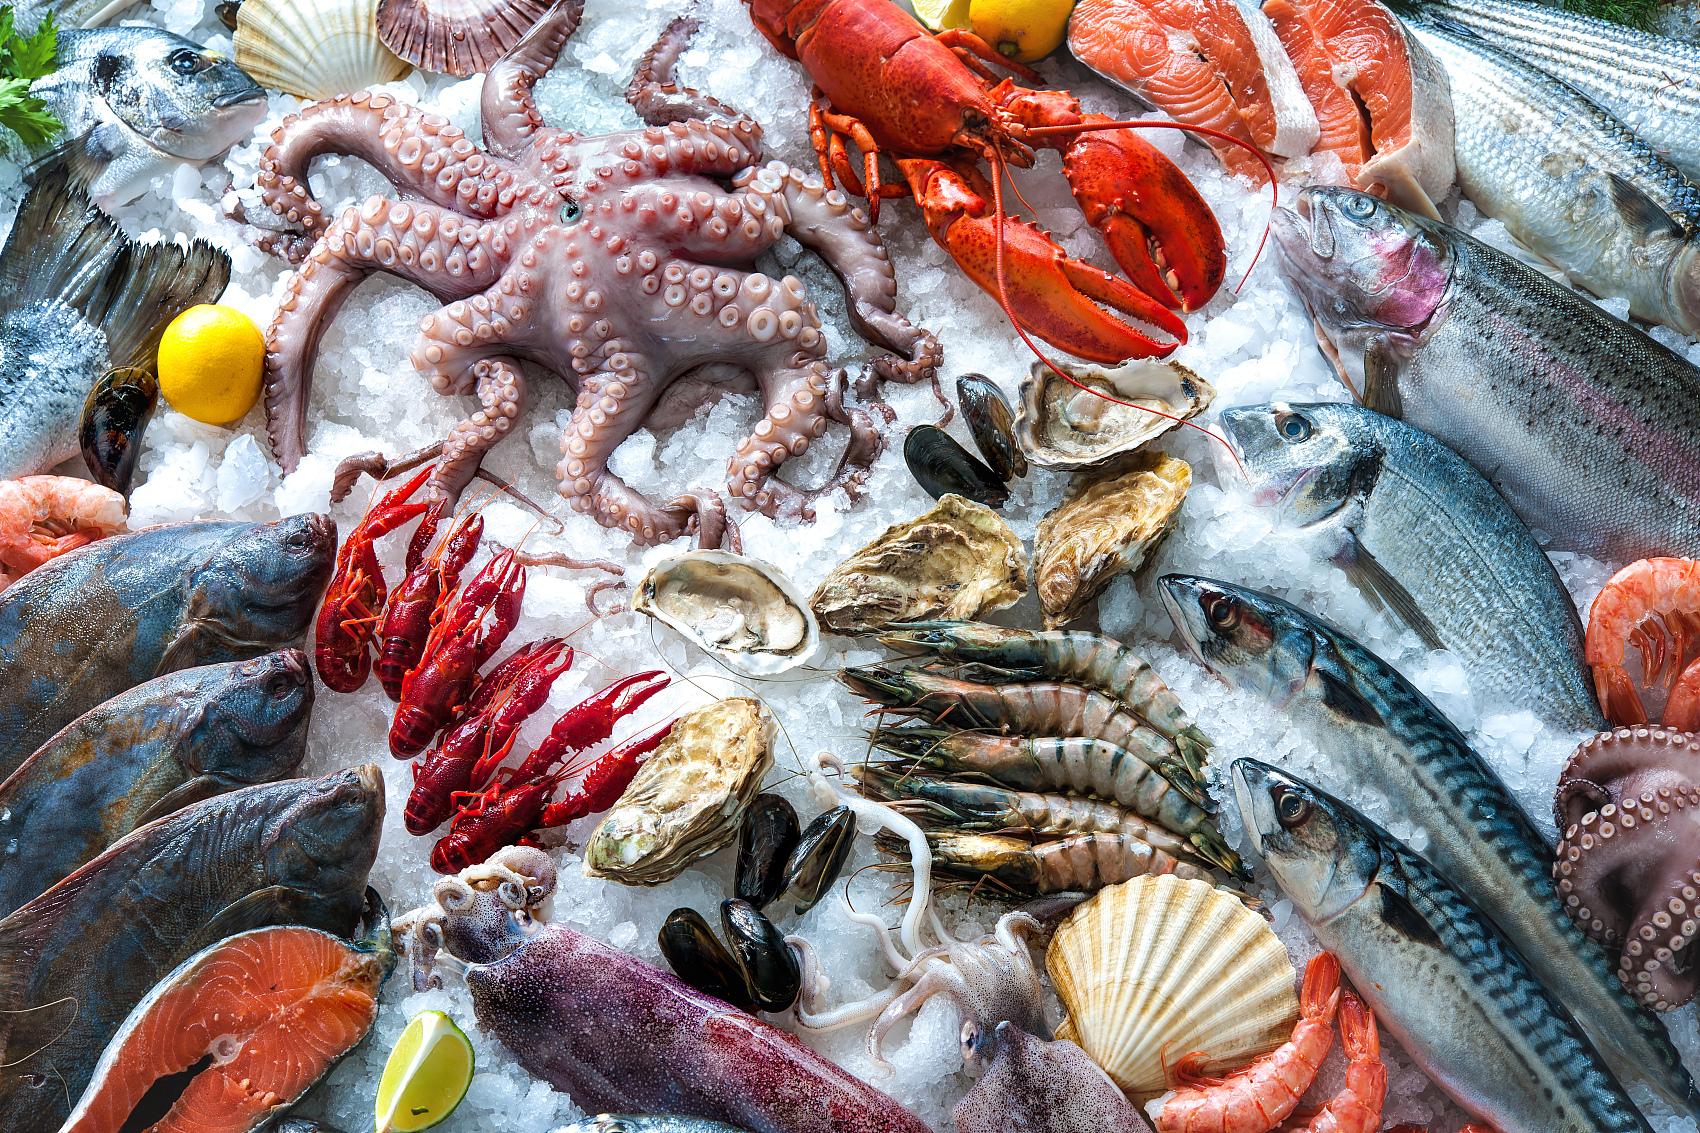 海鲜为什么是白癜风患者的饮食禁忌?